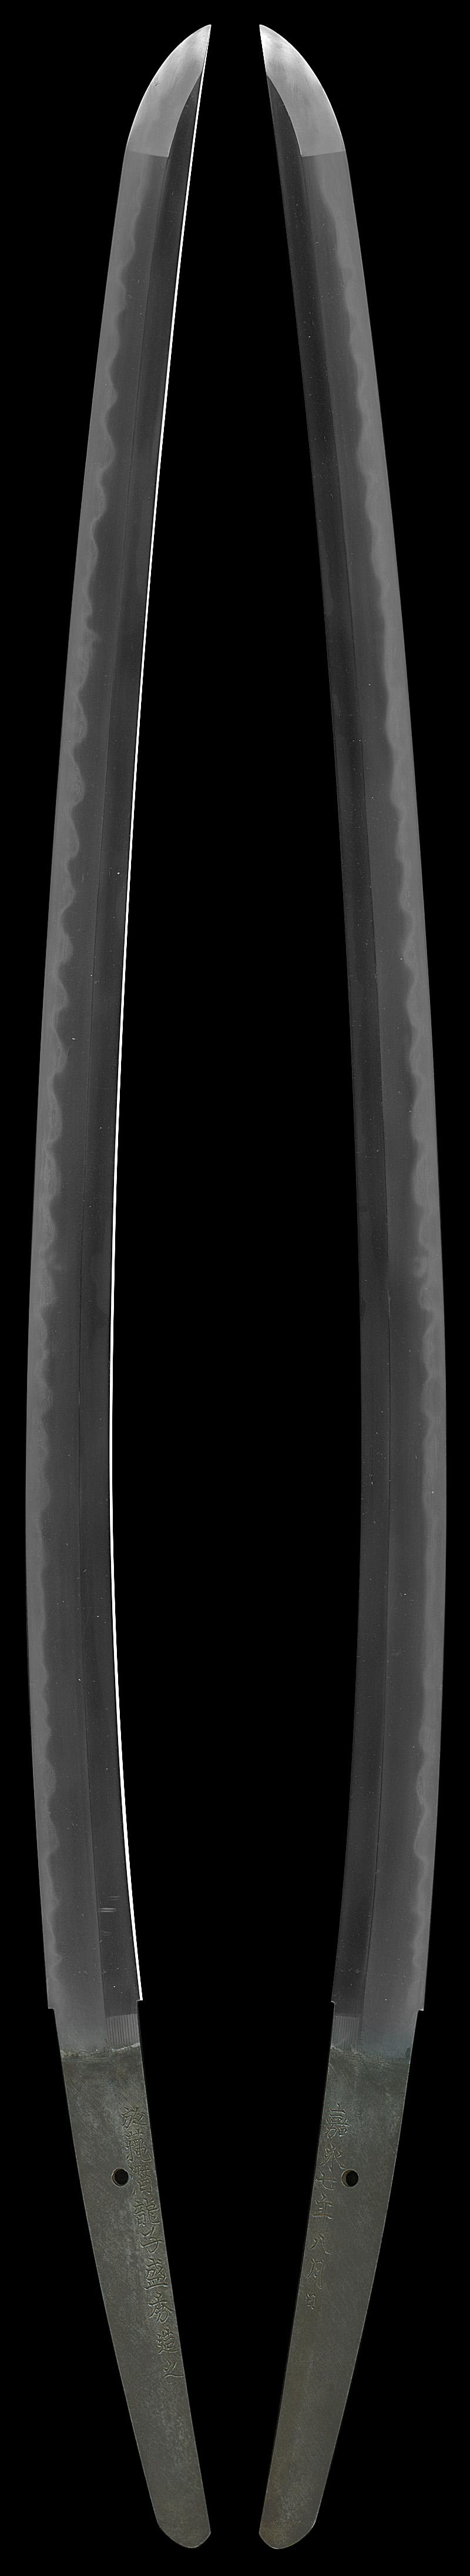 刀 於萩潜龍子盛秀造之  嘉永七年八月日全体画像